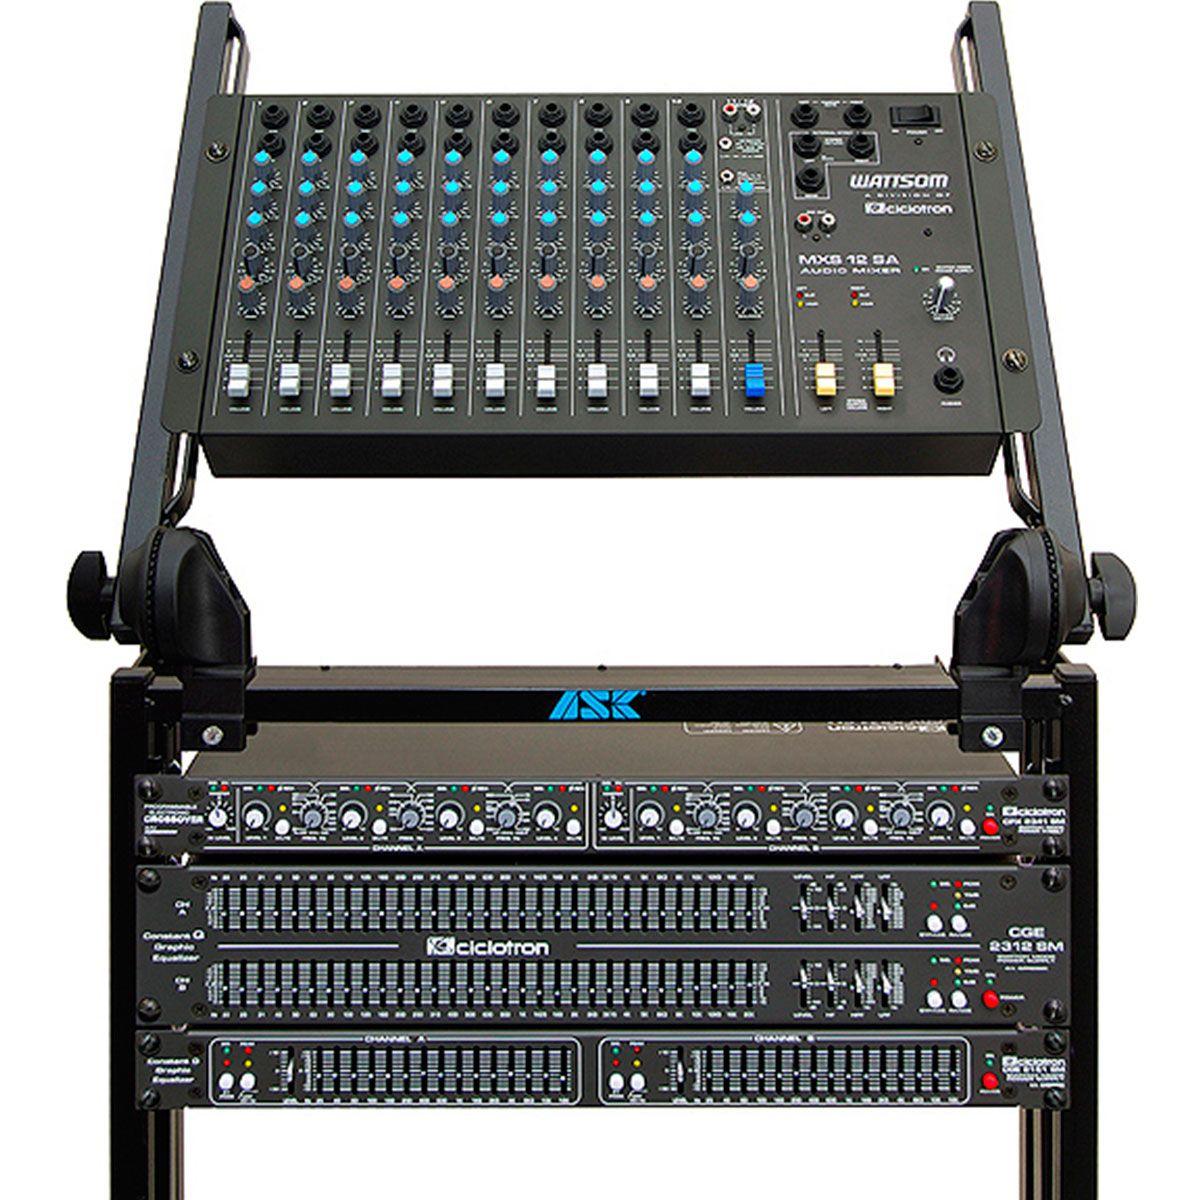 MXS12SA - Mesa de Som / Mixer 12 Canais MXS 12 SA - Ciclotron